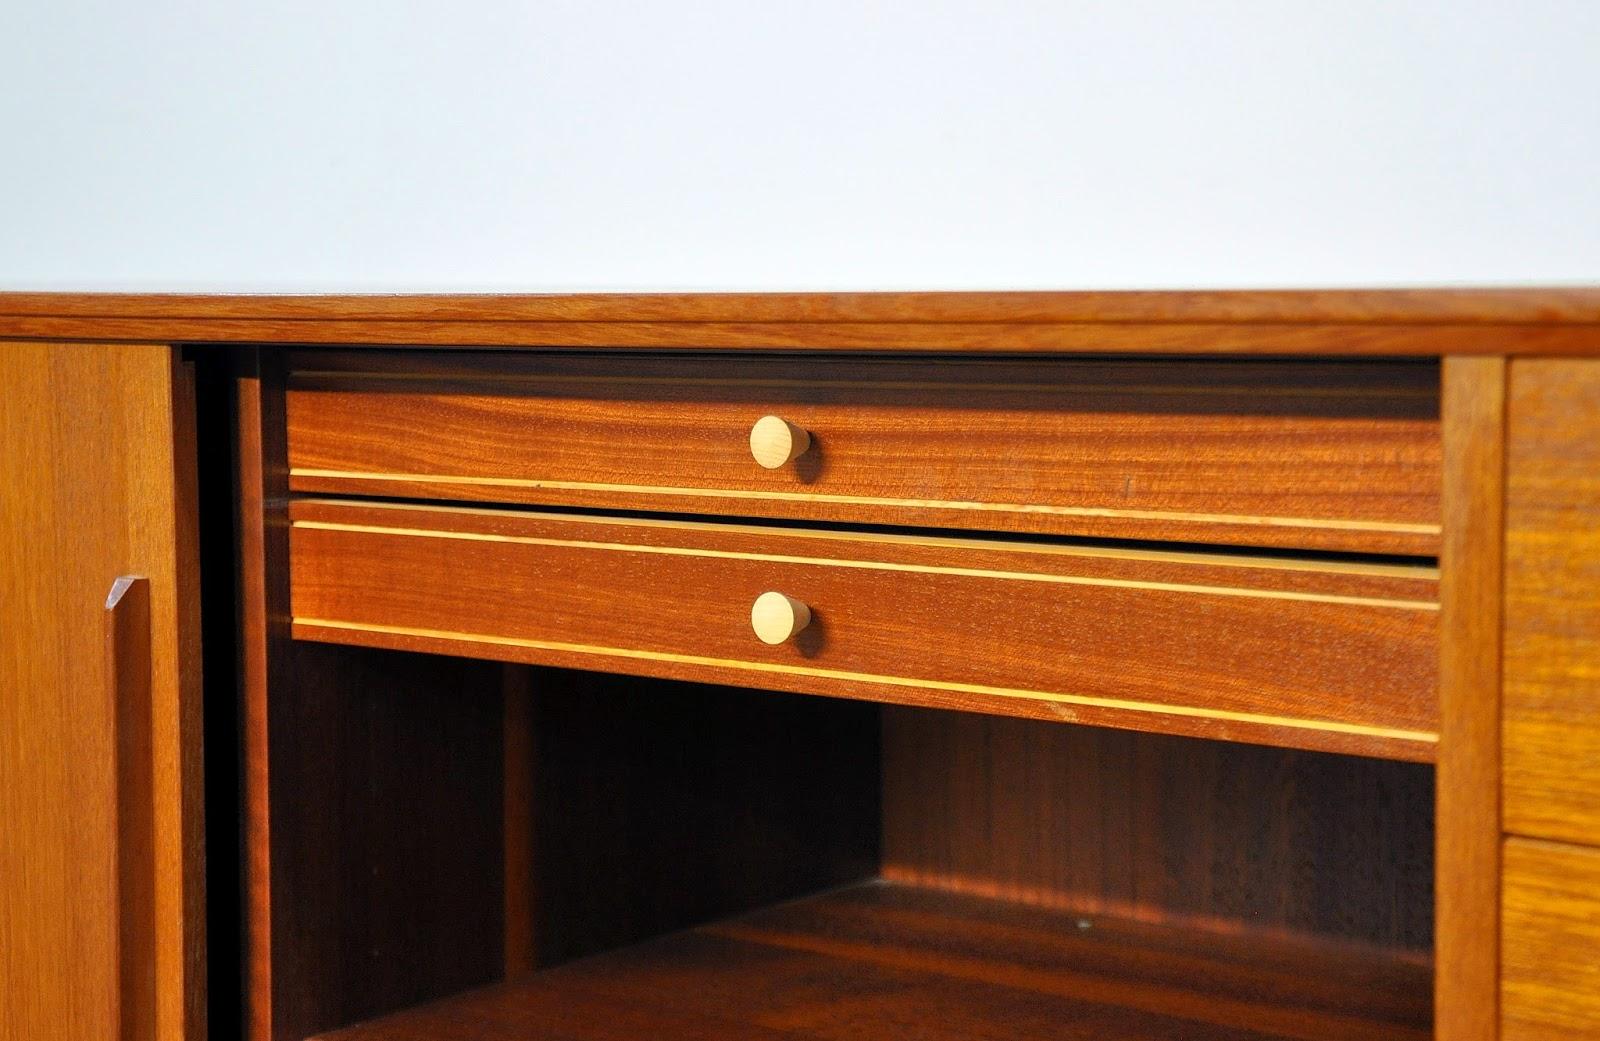 Dyrlund Danish Credenza : Select modern: dyrlund teak credenza bar sideboard buffet with